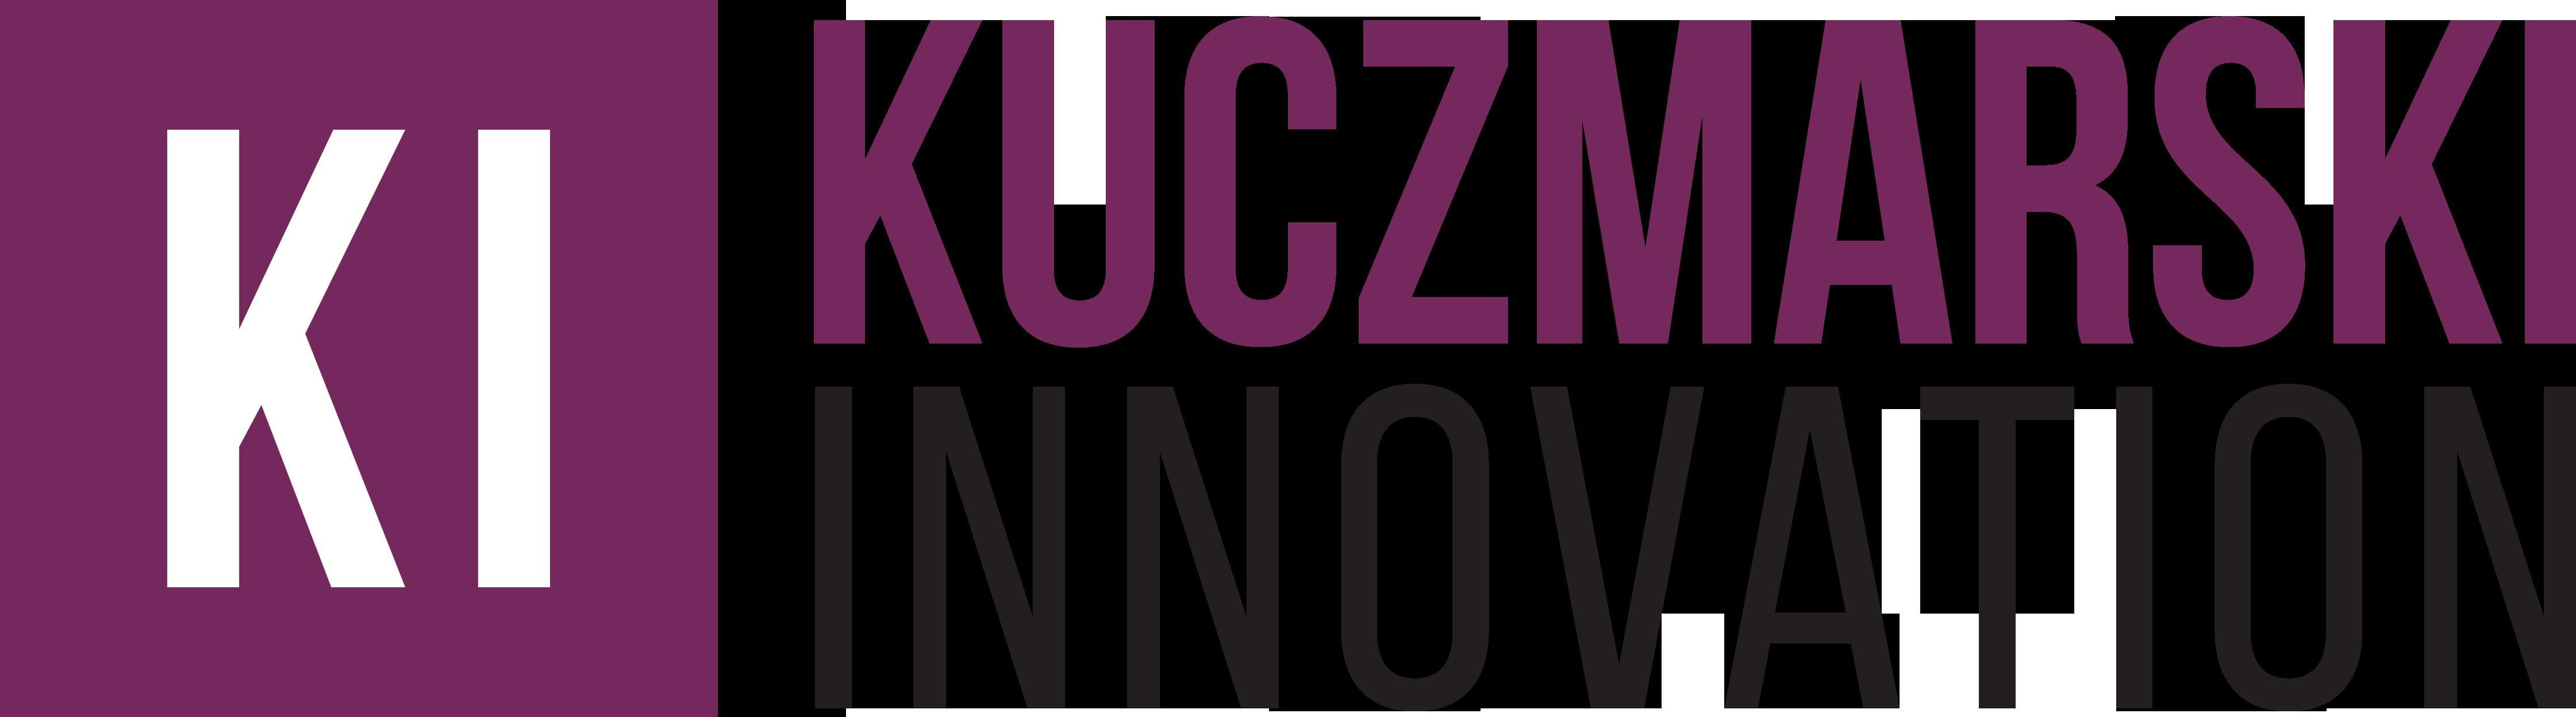 Kuczmarski innovation chicago based innovation consulting for Innovation consulting firms chicago